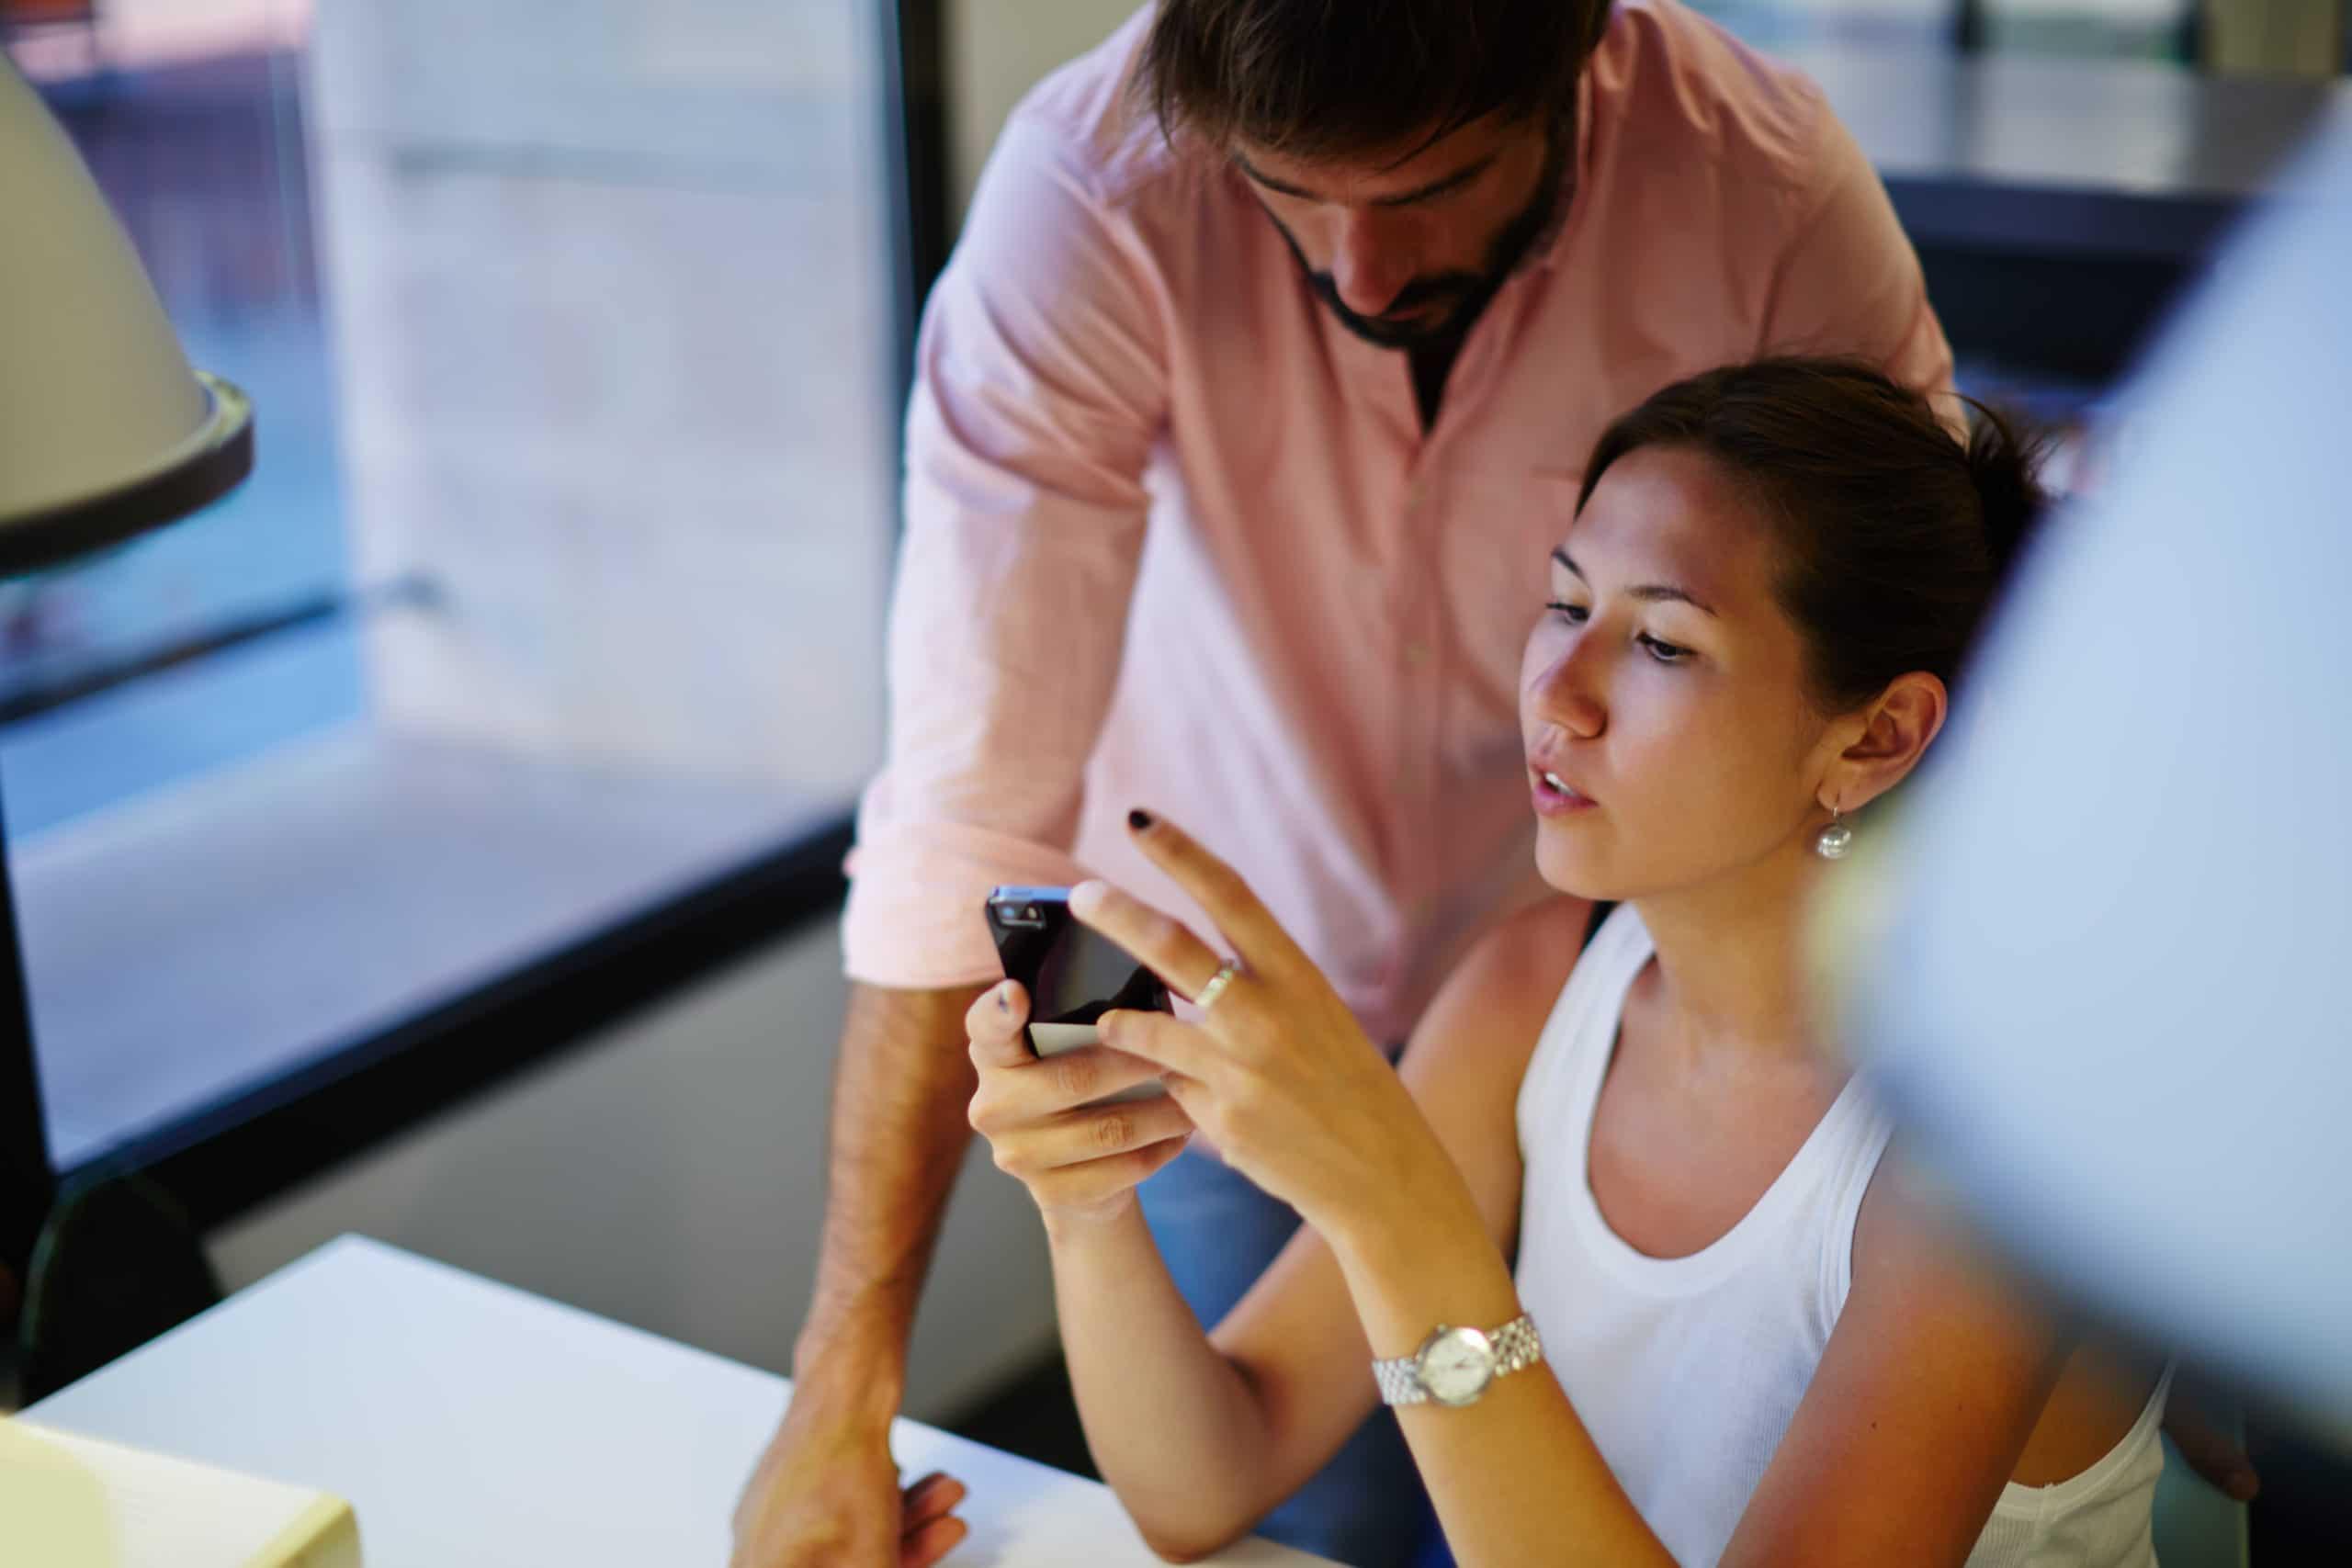 Duas pessoas conversando e olhando para a tela do iPhone